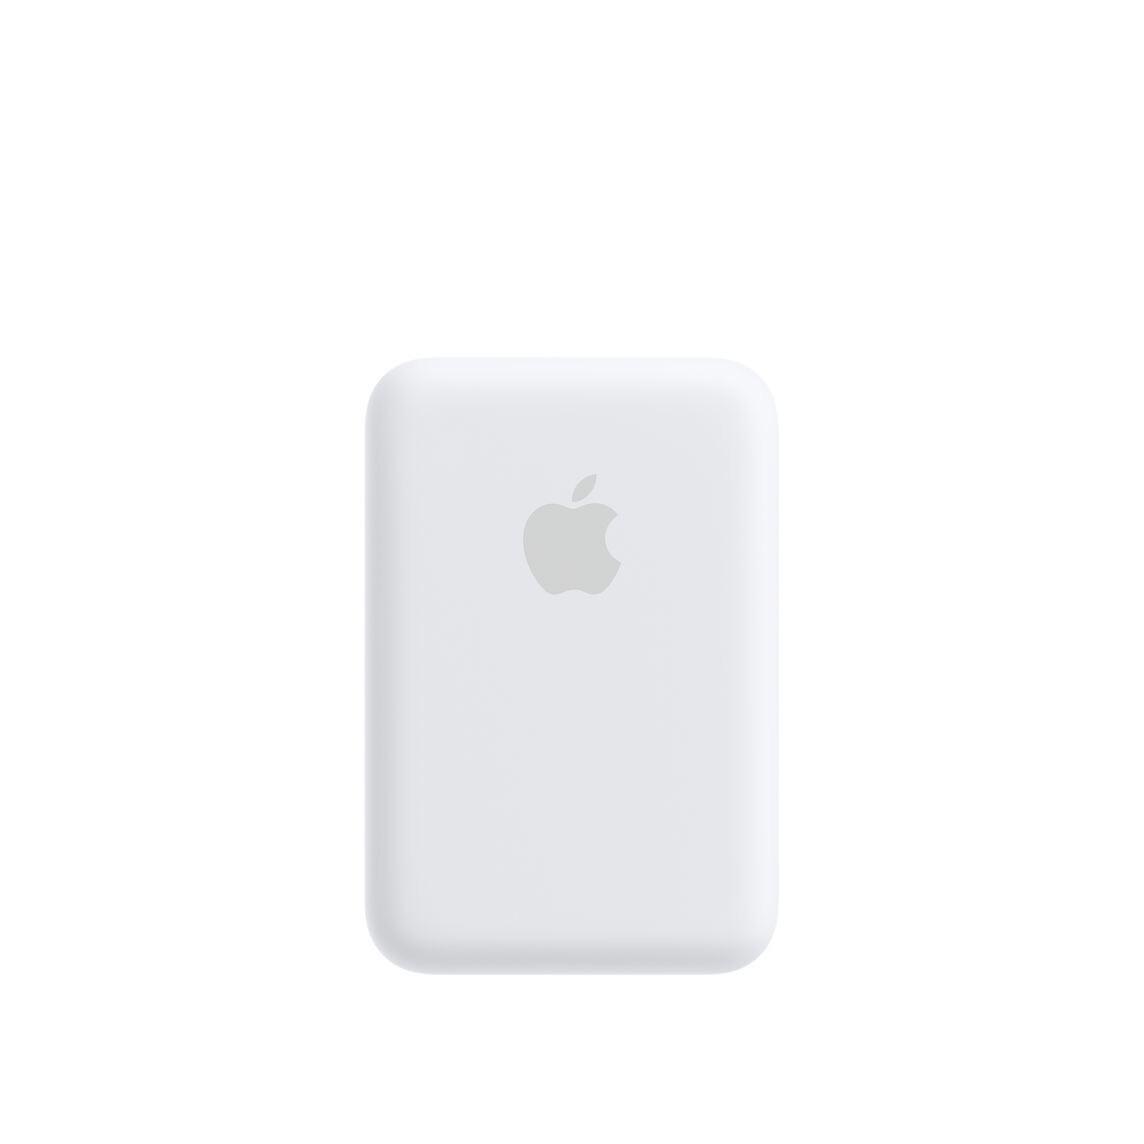 Battery Pack - Apple